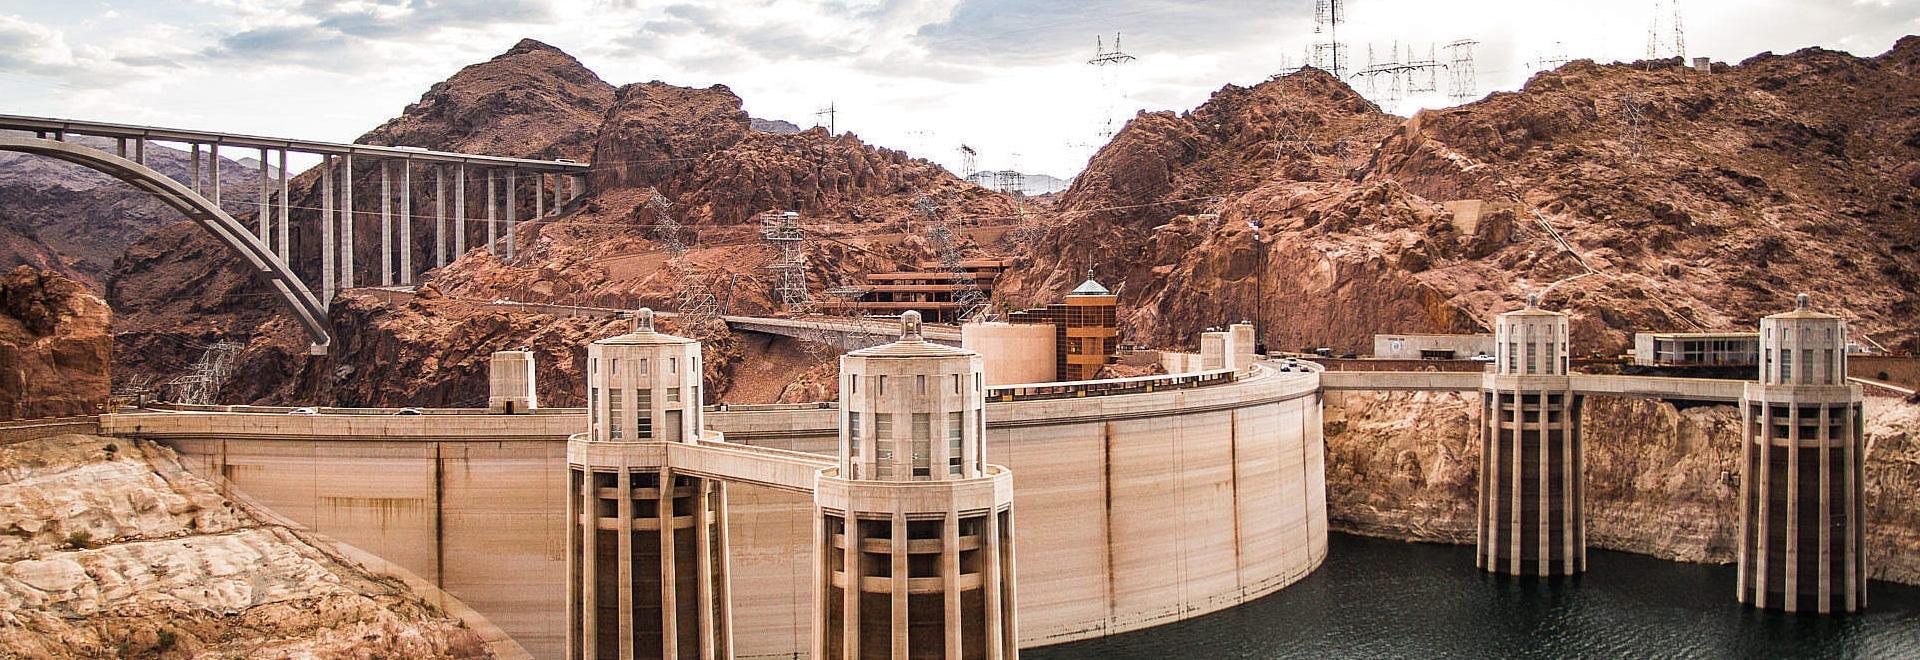 Plan pour amplifier la capacité de puissance de barrage de Hoover